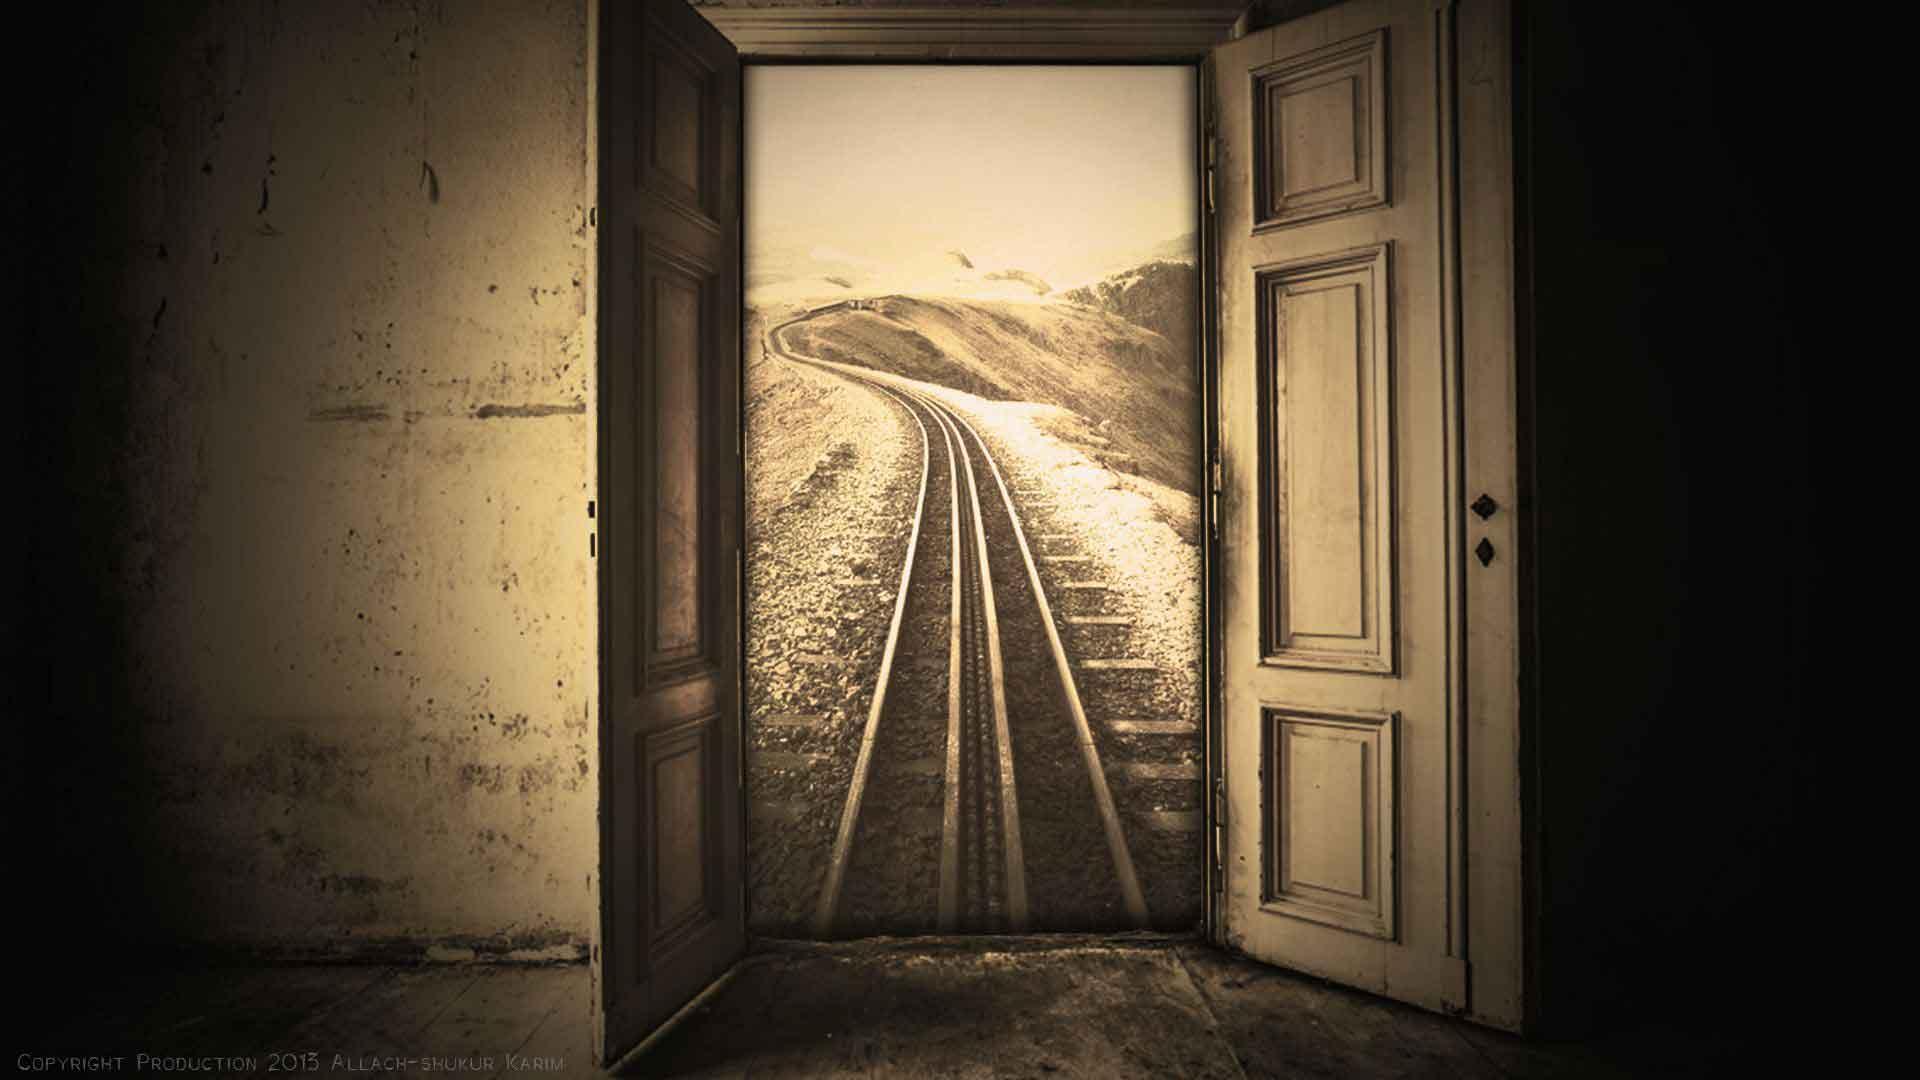 Rüyada Bir Kapıdan Geçtiğini Görmek